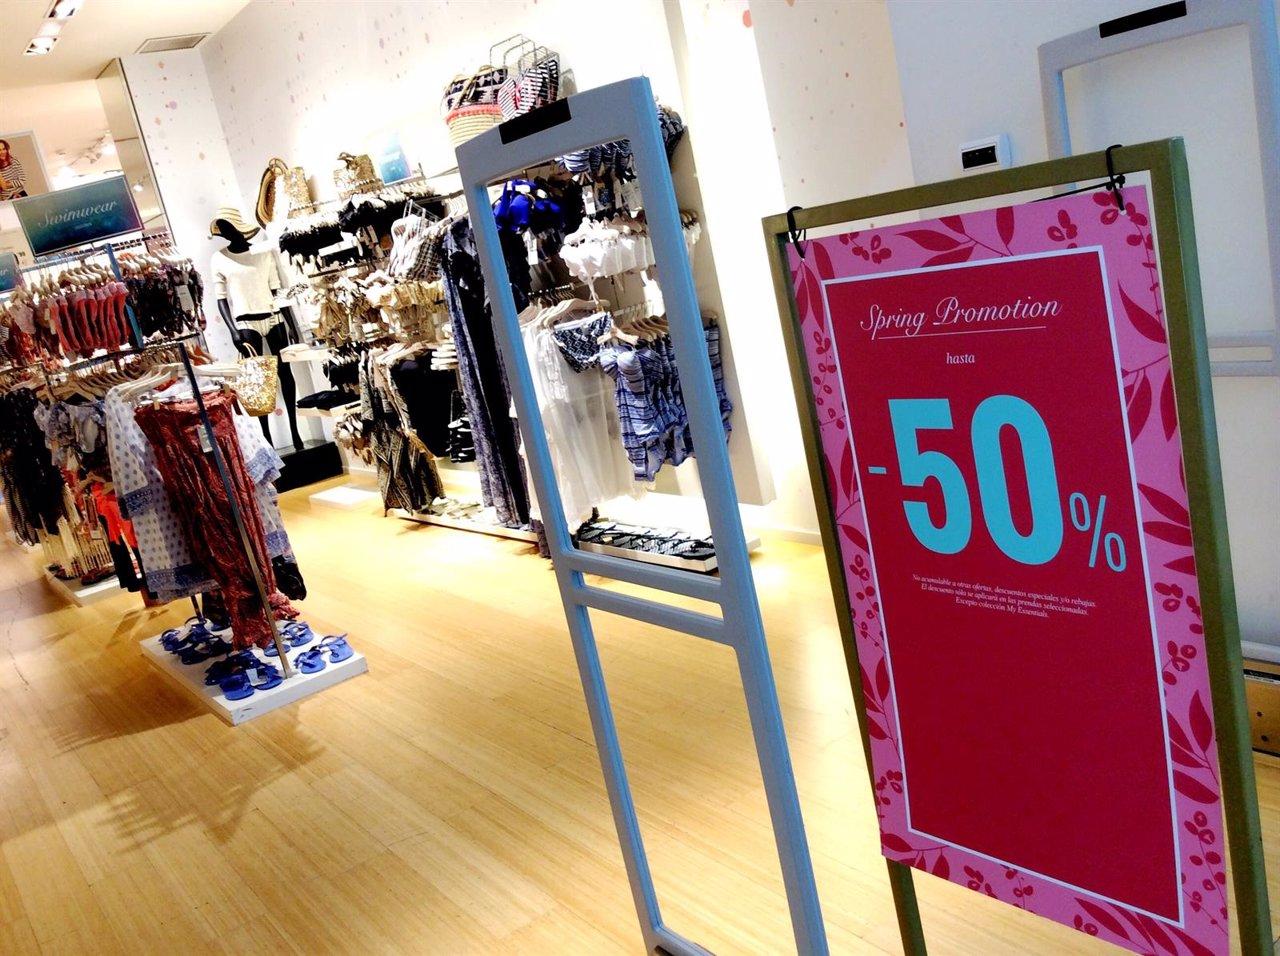 Rebajas, compras, comercio, consumo, ropa, moda, tienda, precios, IPC